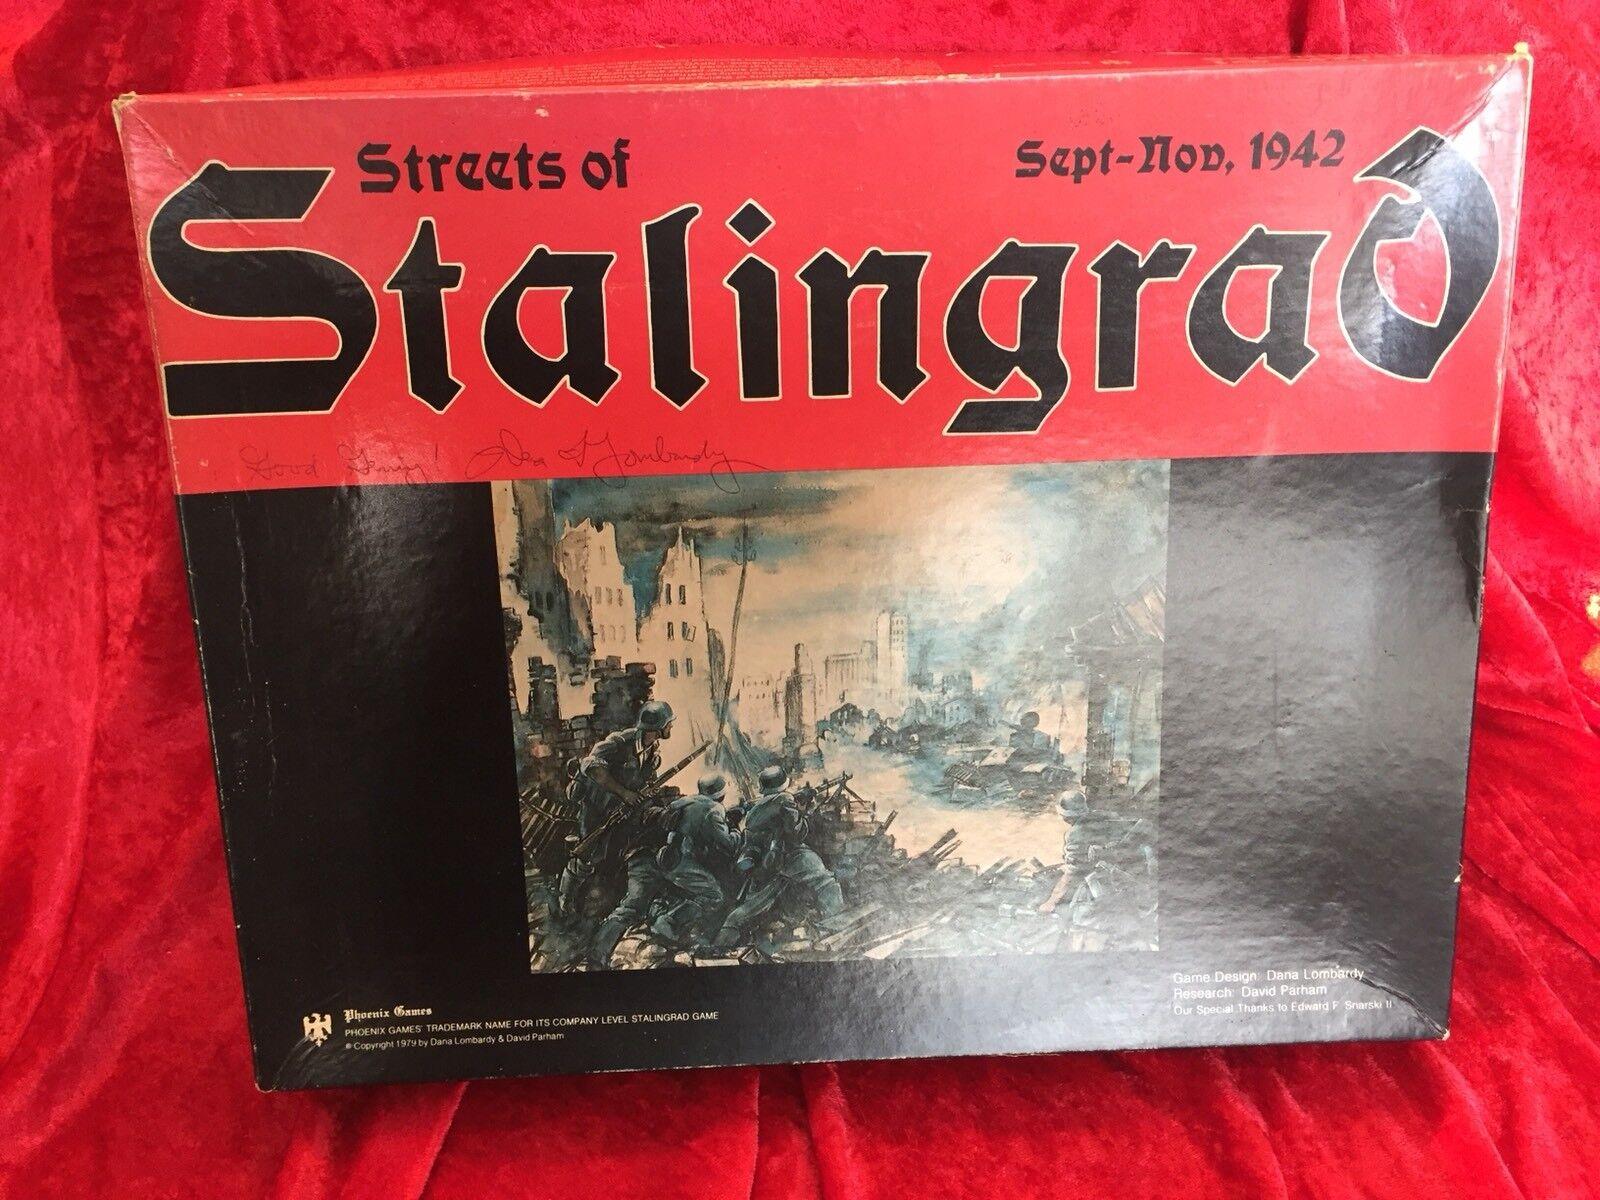 Raro 1st Edición-Firmado Por Dana Lombardía  calles de de de Stalingrado - 1979 Vintage  genuina alta calidad